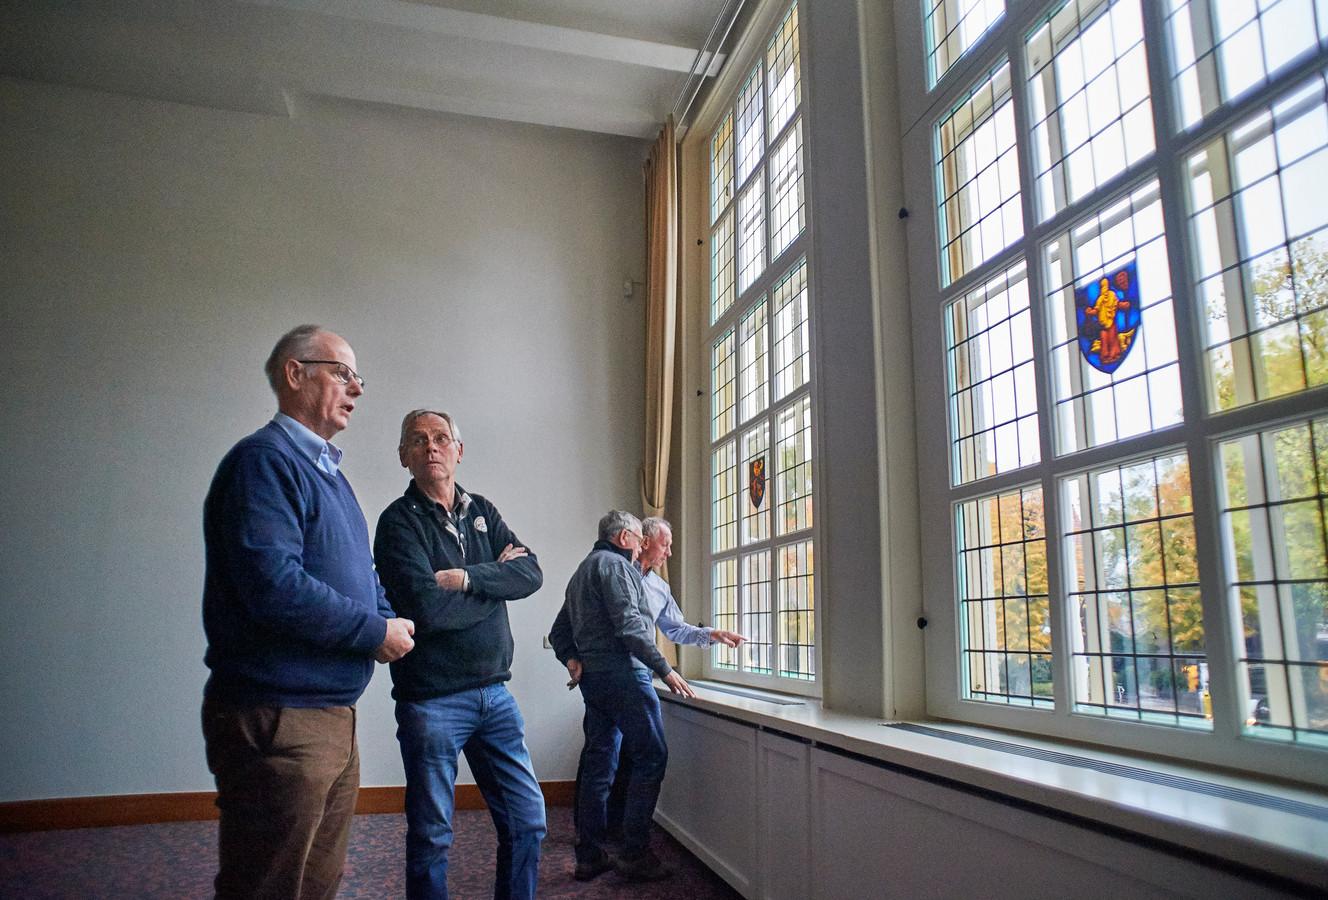 Leden van de heemkundekring vlnr Christ van Bree, Marius Strijbosch, Henk Bolwerk en Ad Jansen bij de glas-in-lood-ramen in het raadhuis te Erp.